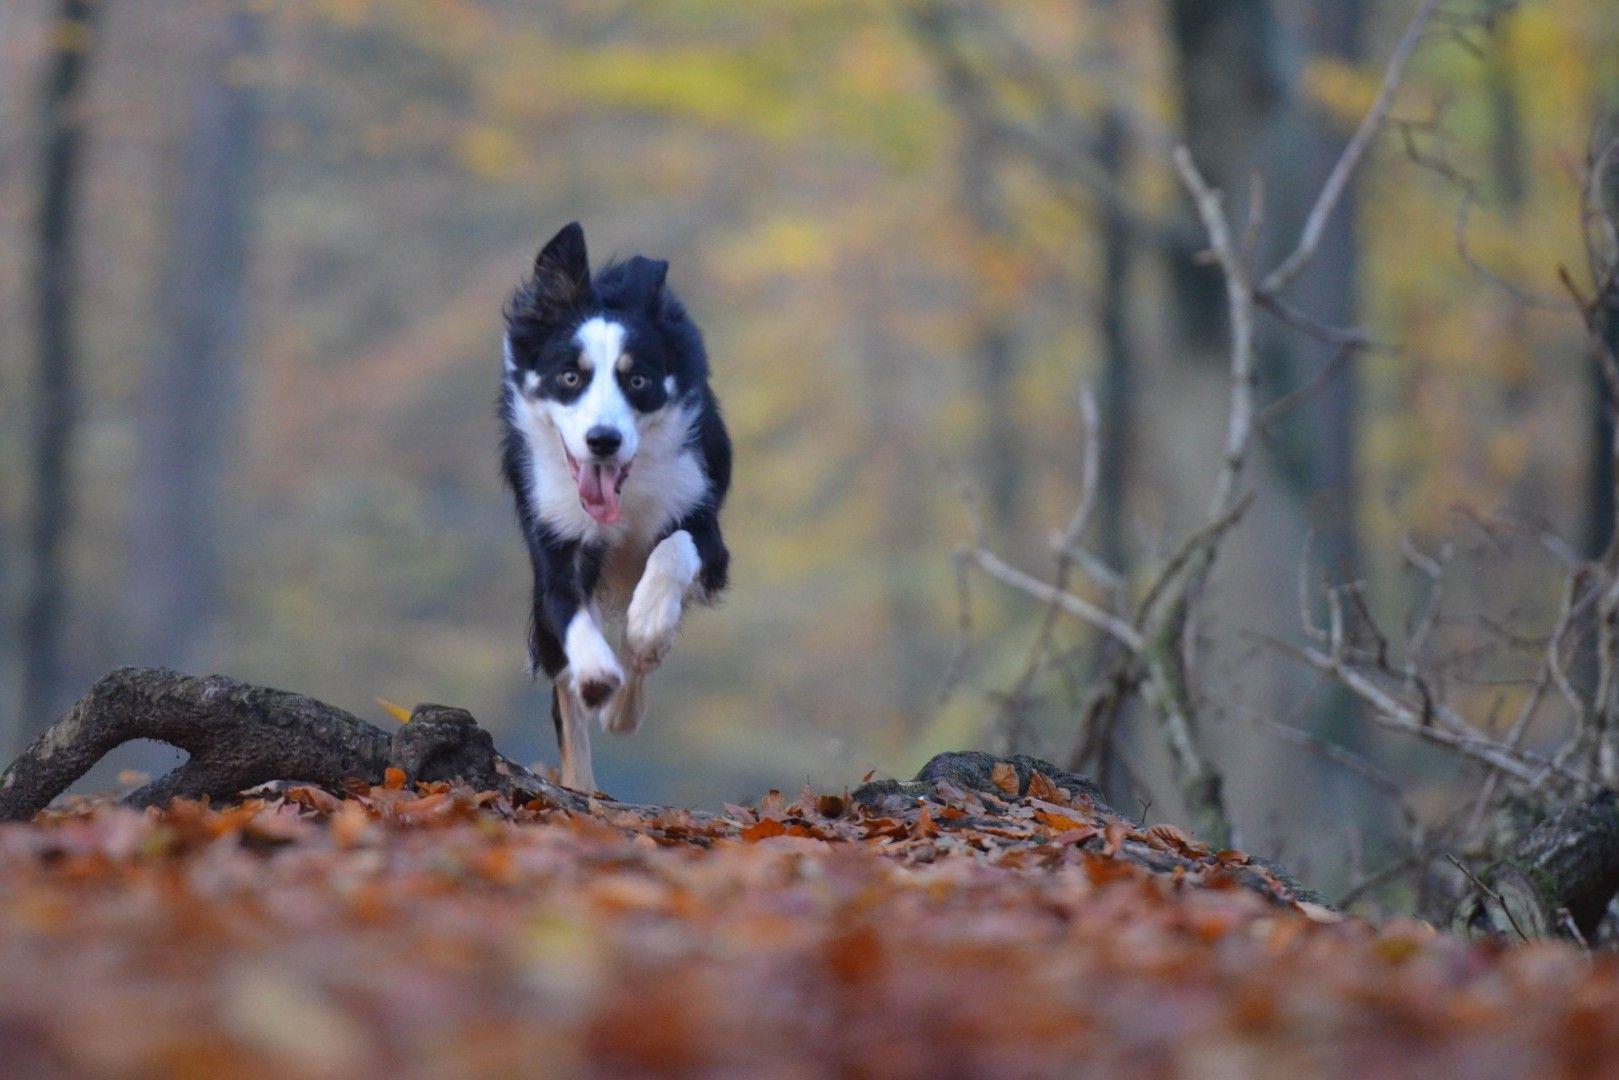 Hund Entlaufen In Baden Wurttemberg Die Info Seiten Fur Vermisste Hundehund Entlaufen In Baden Wurttemberg D Hunde Alter Hund Urlaub Mit Hund